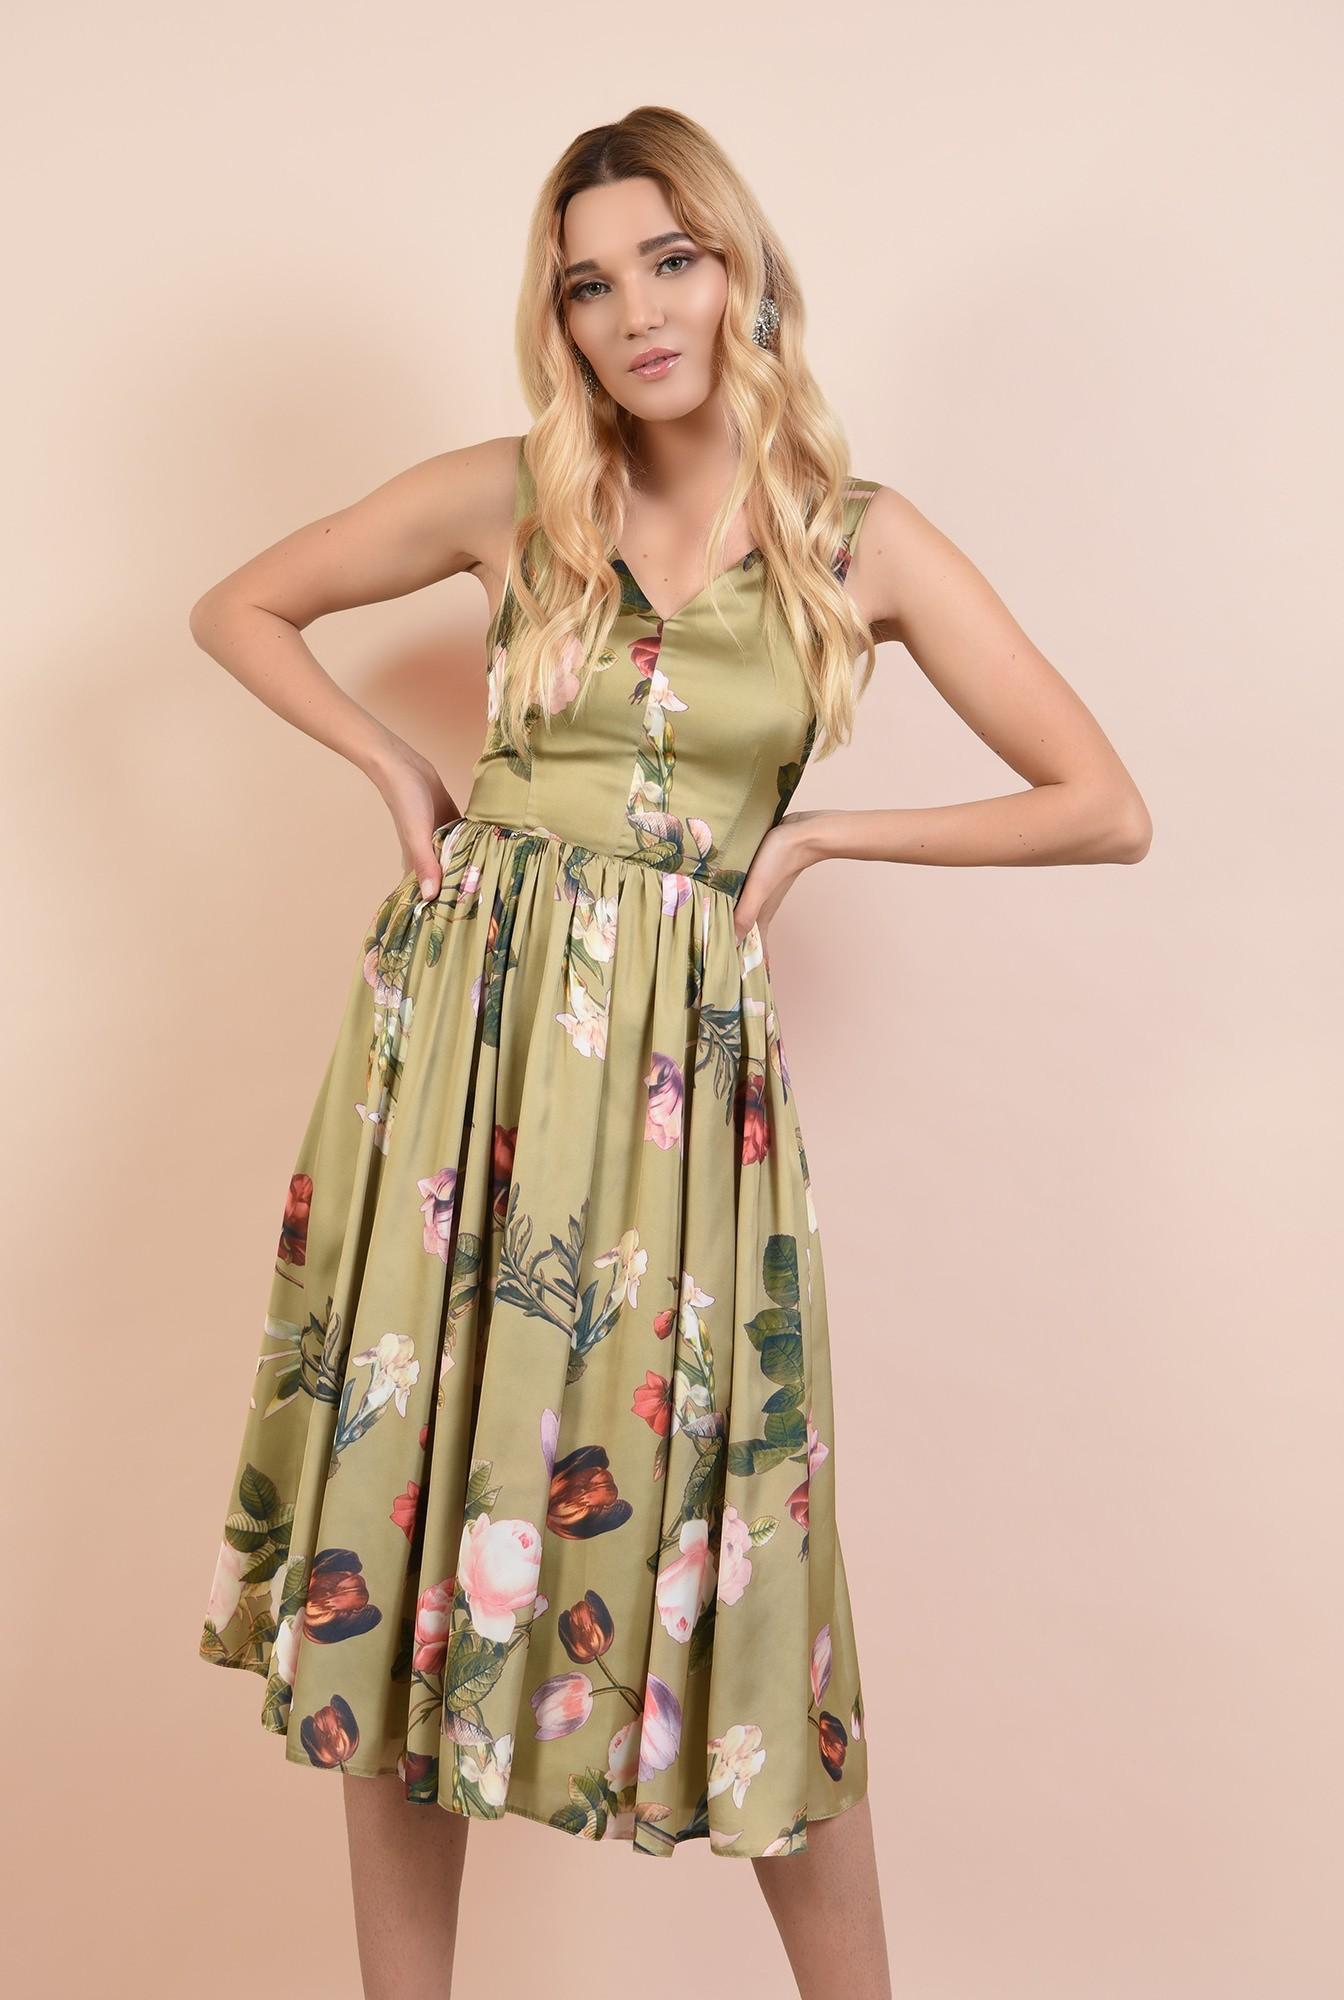 0 - 360 - rochie eleganta, midi, cu imprimeu floral, anchior fata si spate, Poema